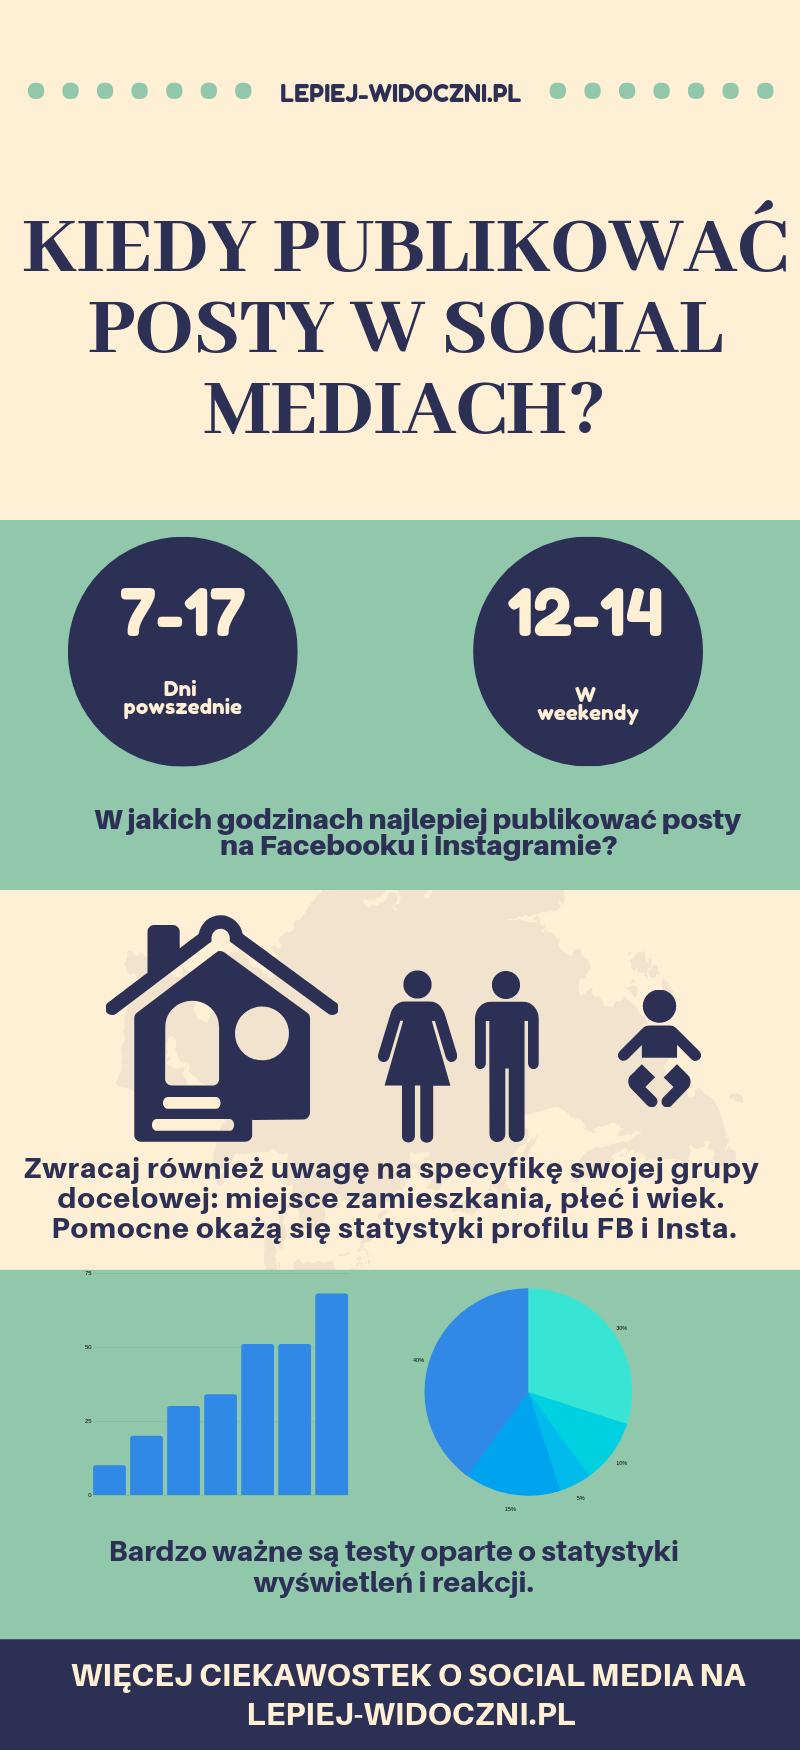 kiedy publikowac posty infografika